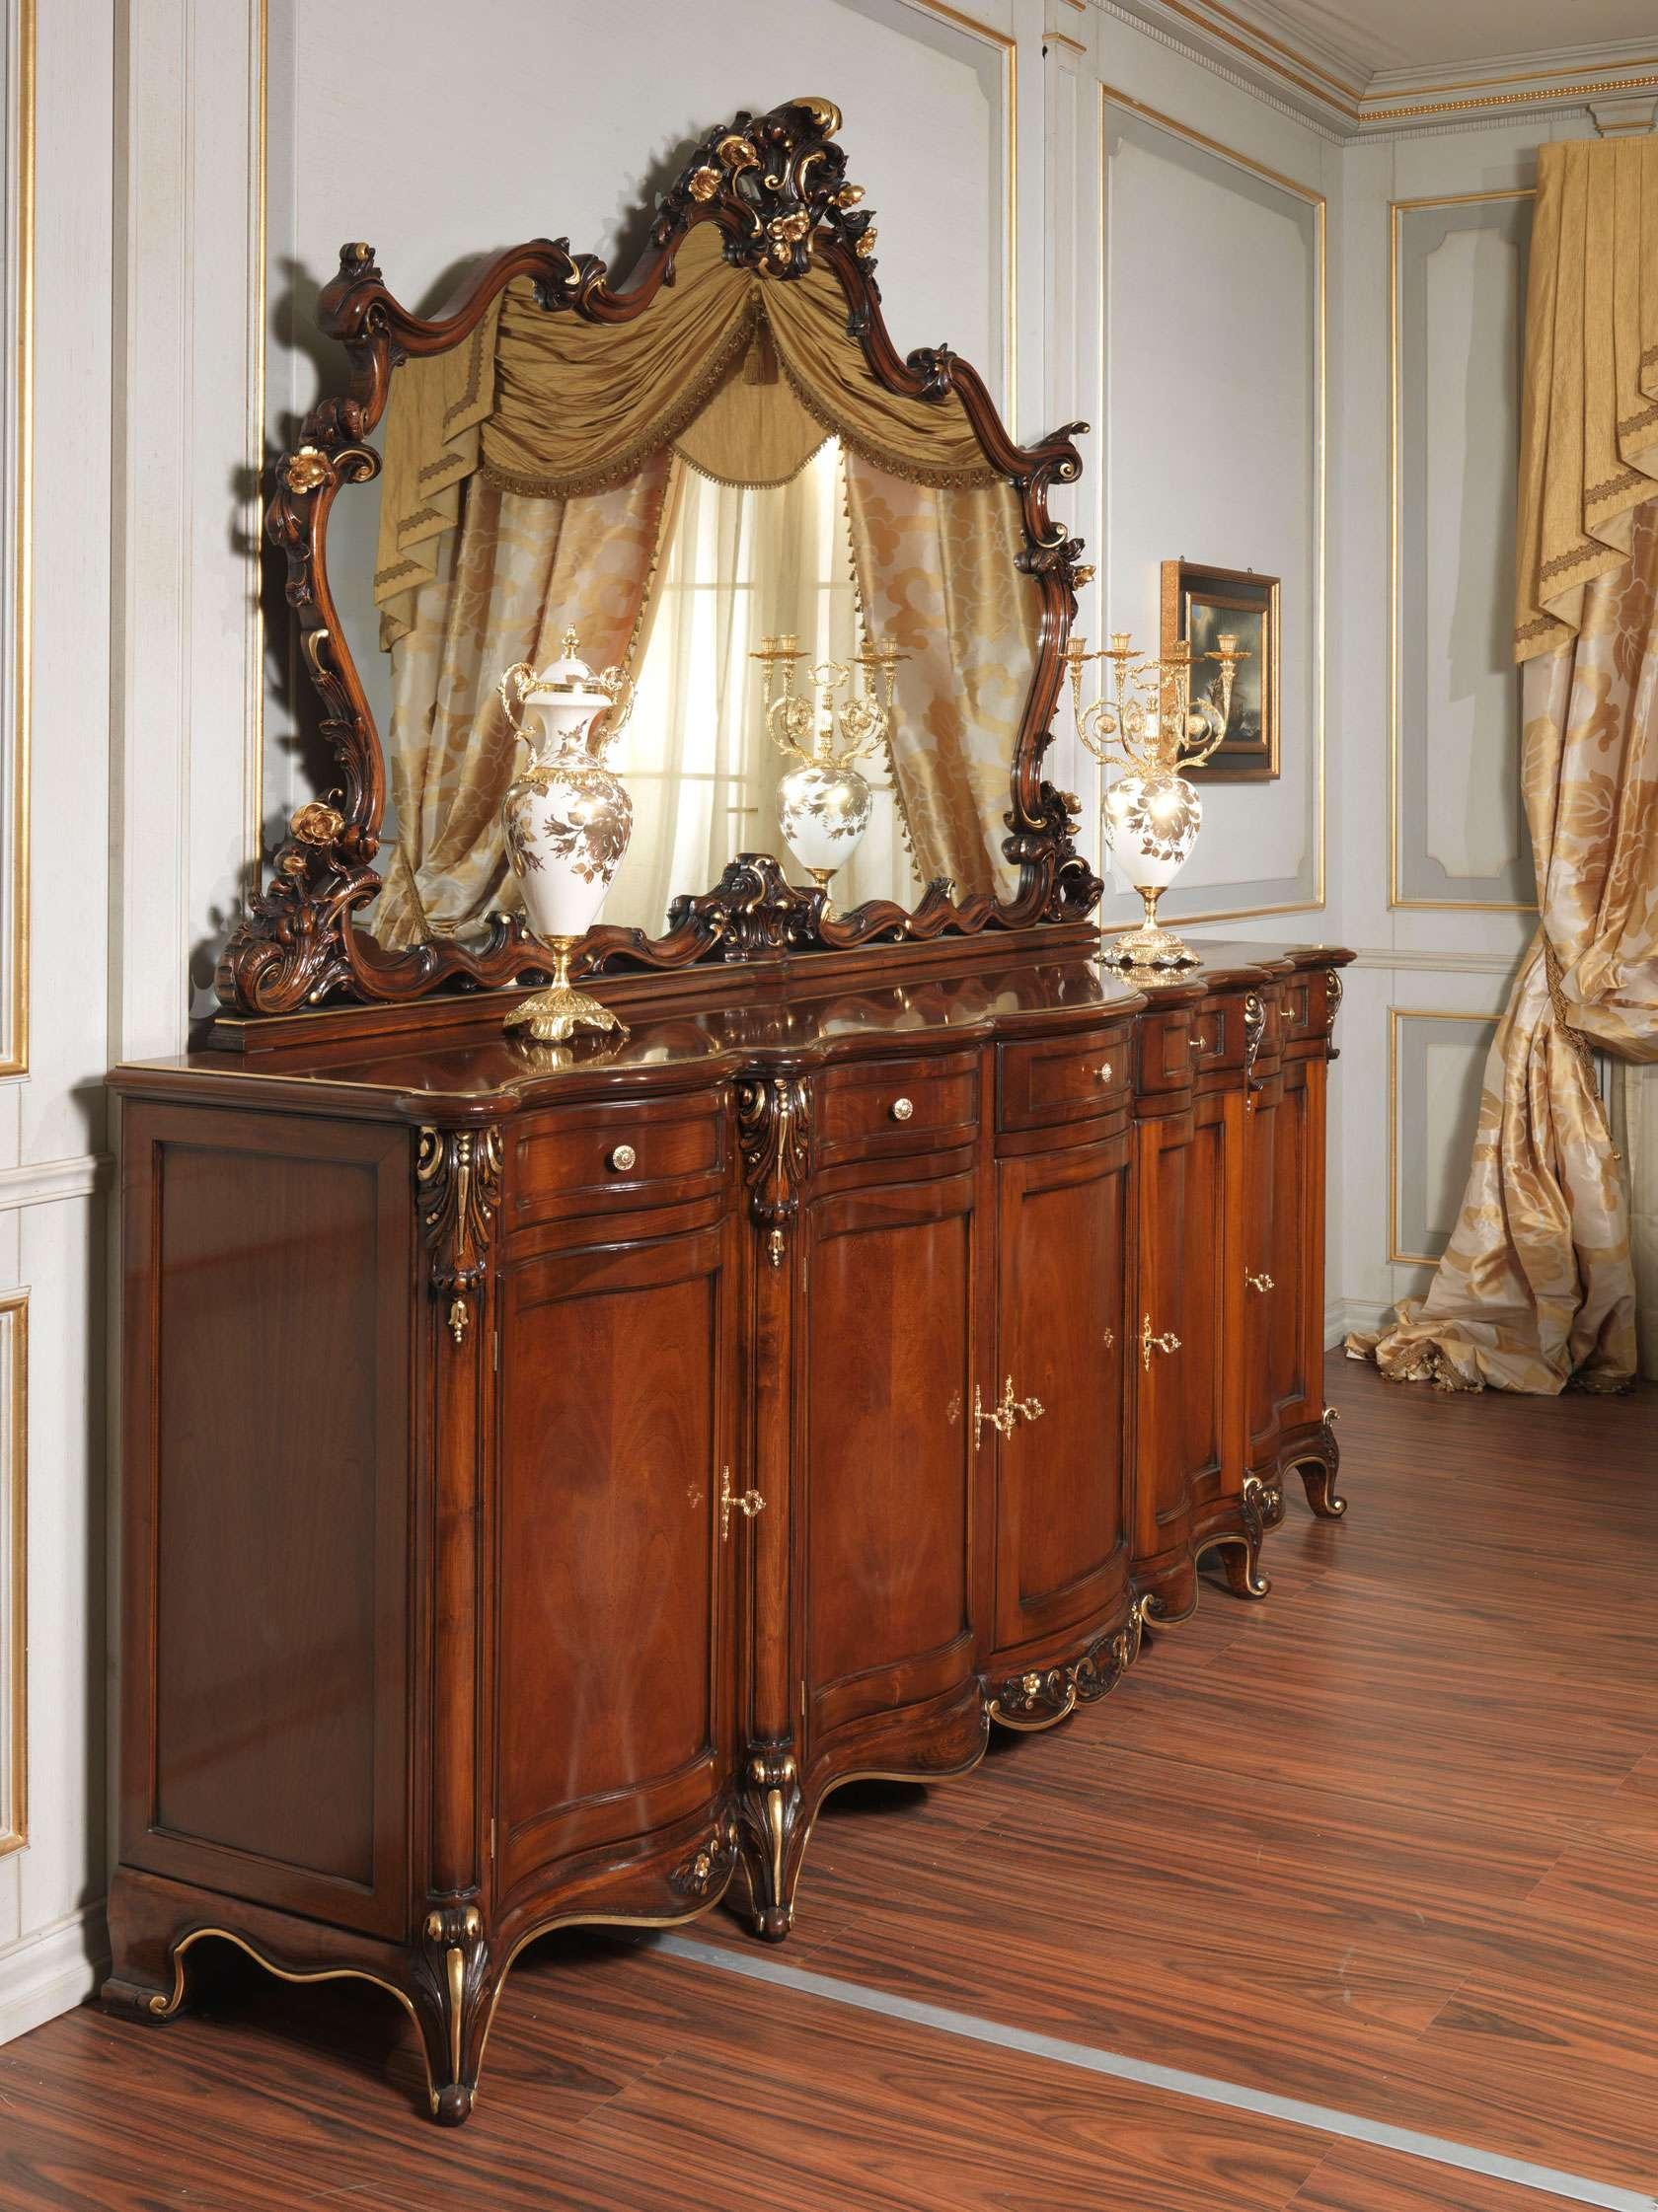 Credenza Parigi in stile Luigi XV | Vimercati Meda